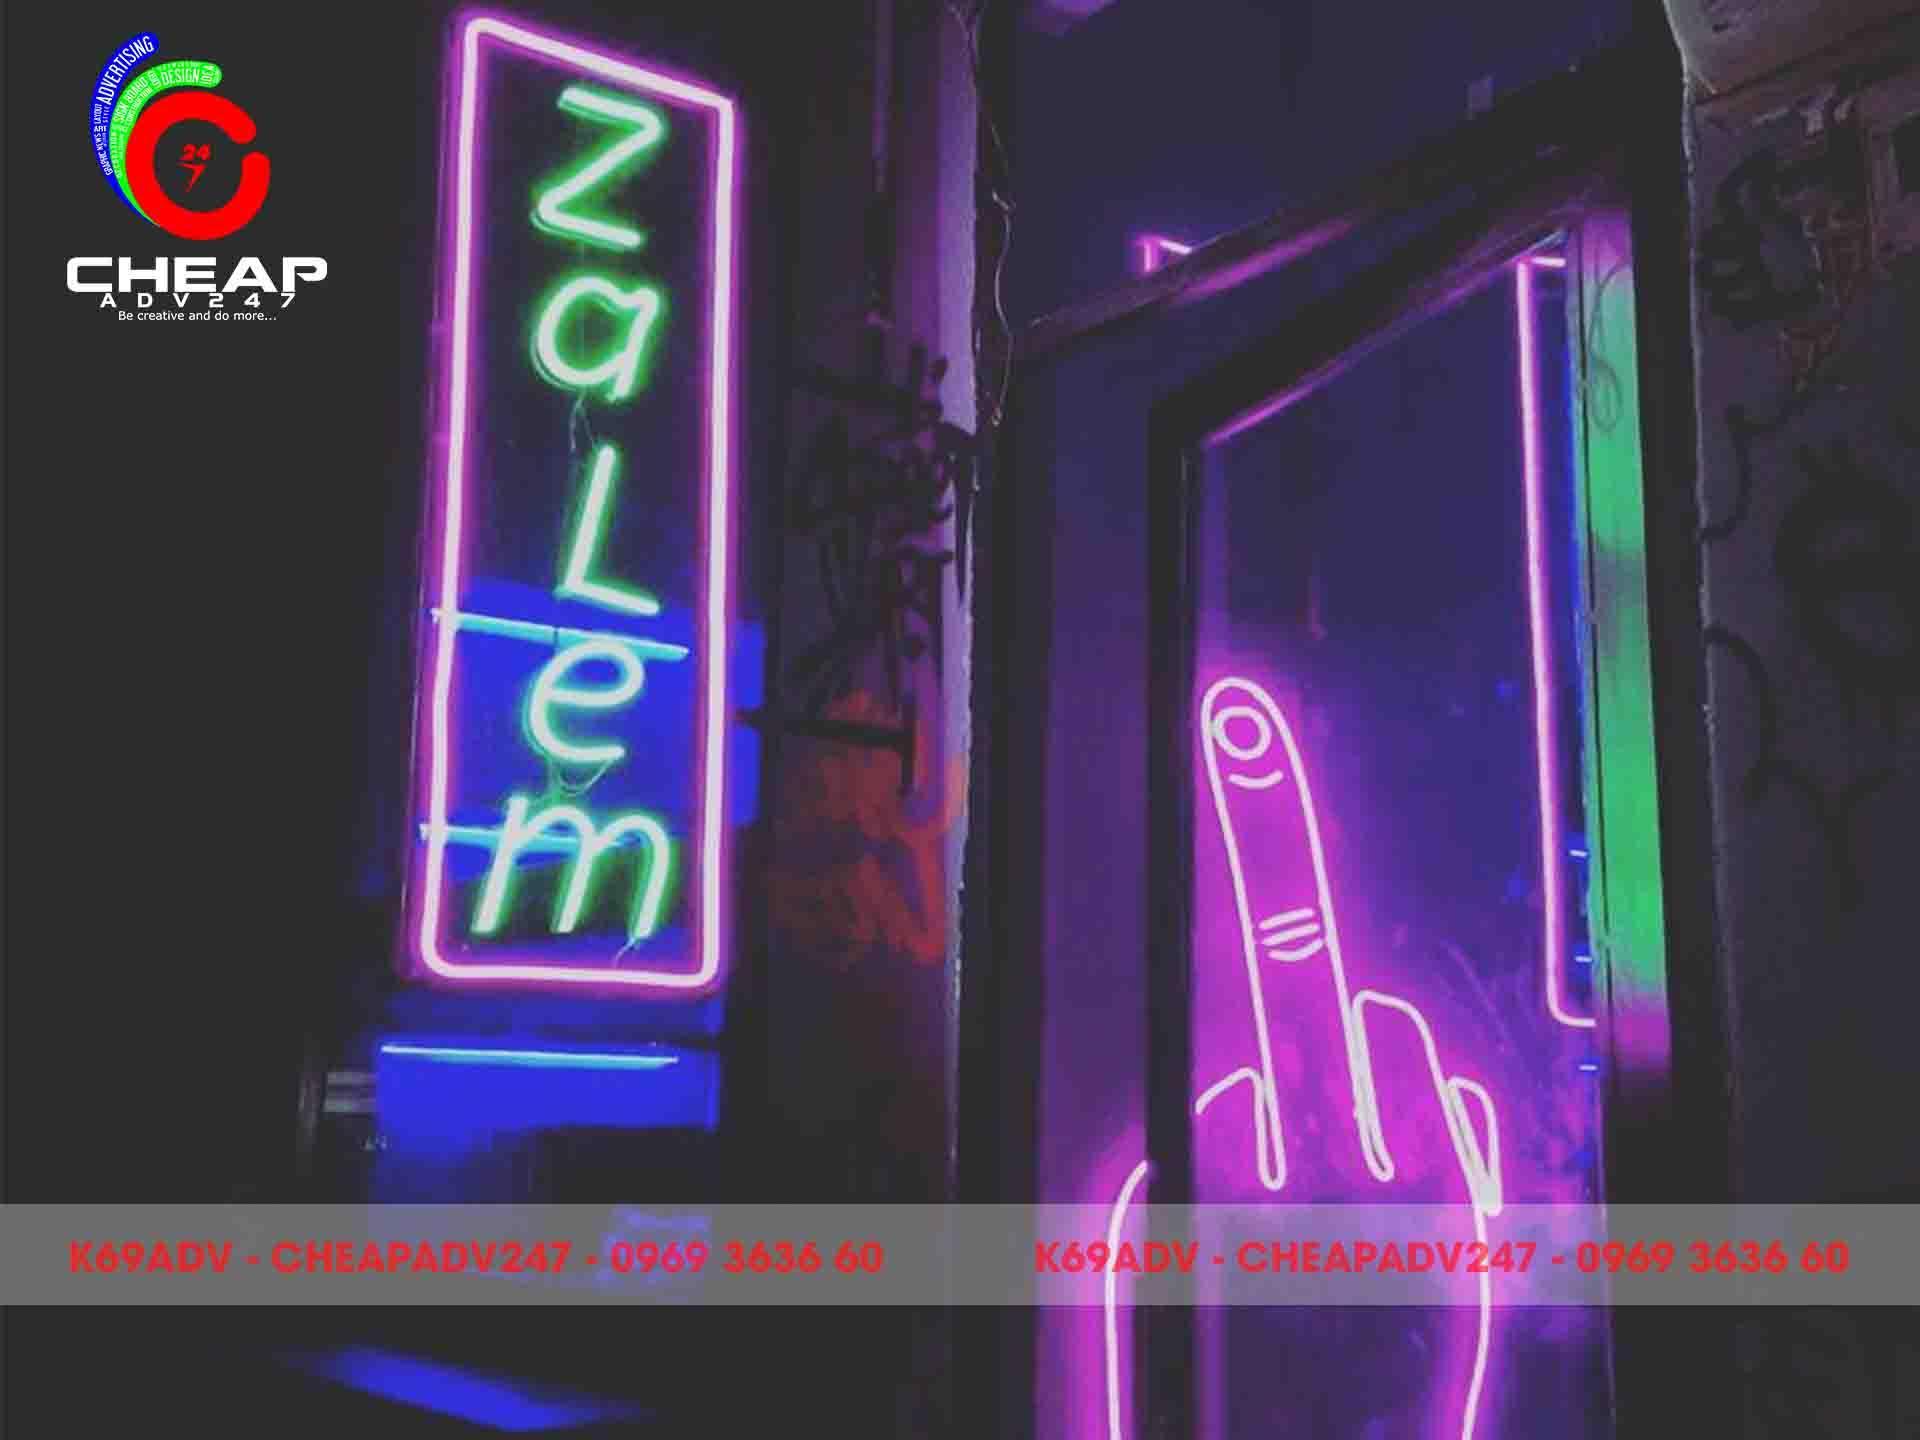 mau den neon sign dep cheapdv2479